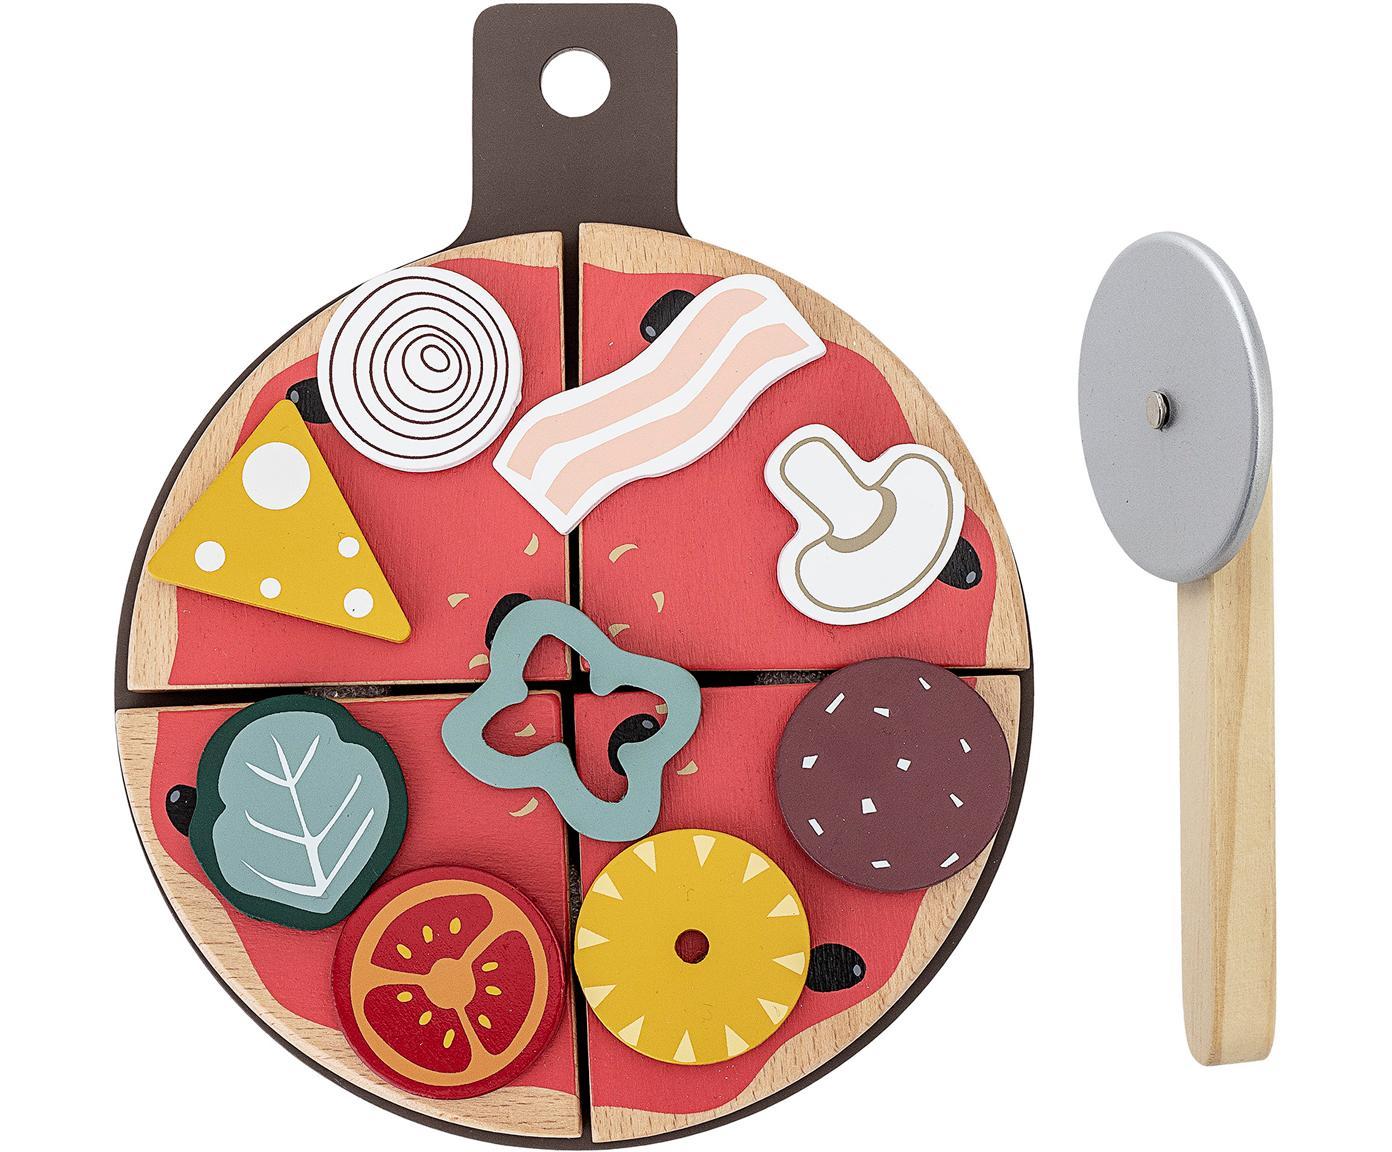 Set de juguetes Pizza, 15pzas., Madera contrachapada, abedul, Multicolor, An 20 x Al 3 cm